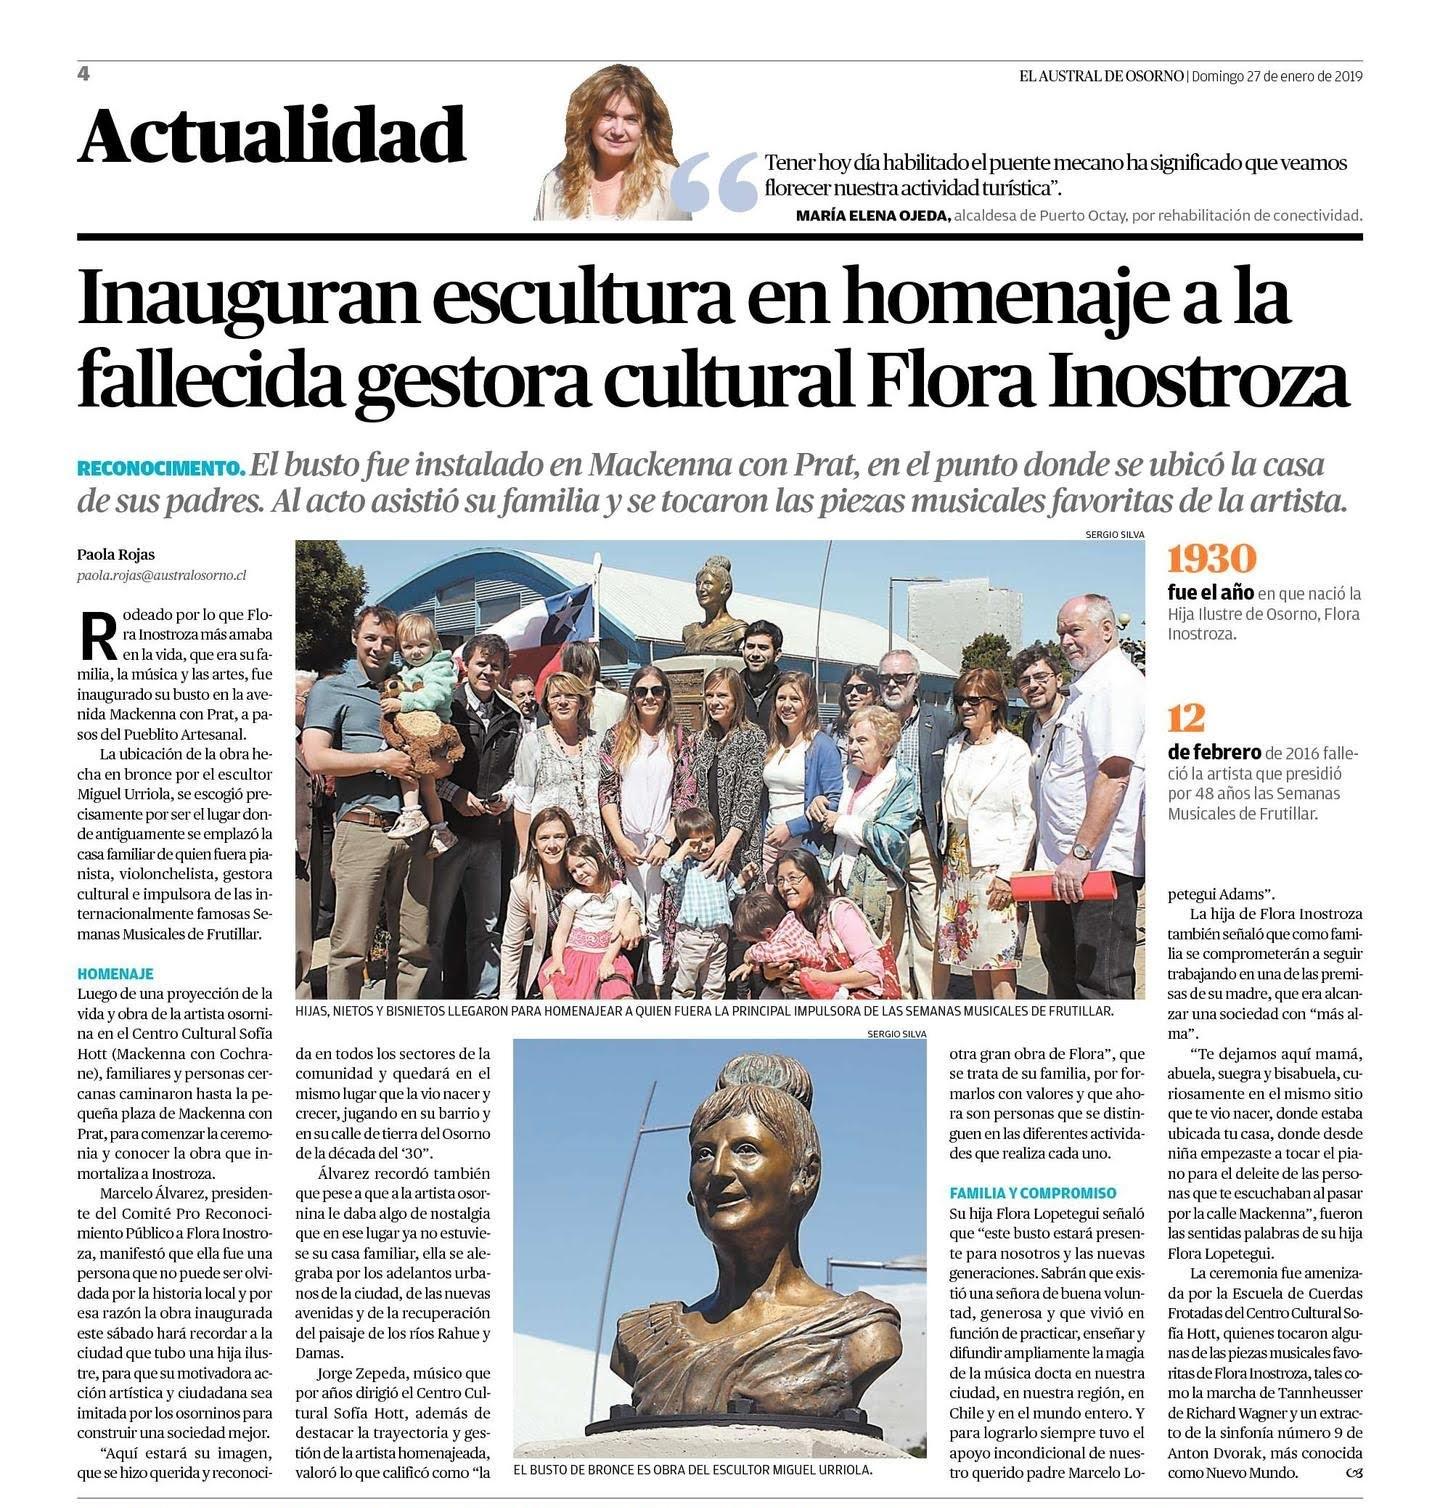 Busto Flora Inostroza - Obra realizada en bronce realizado por Miguel Urriola